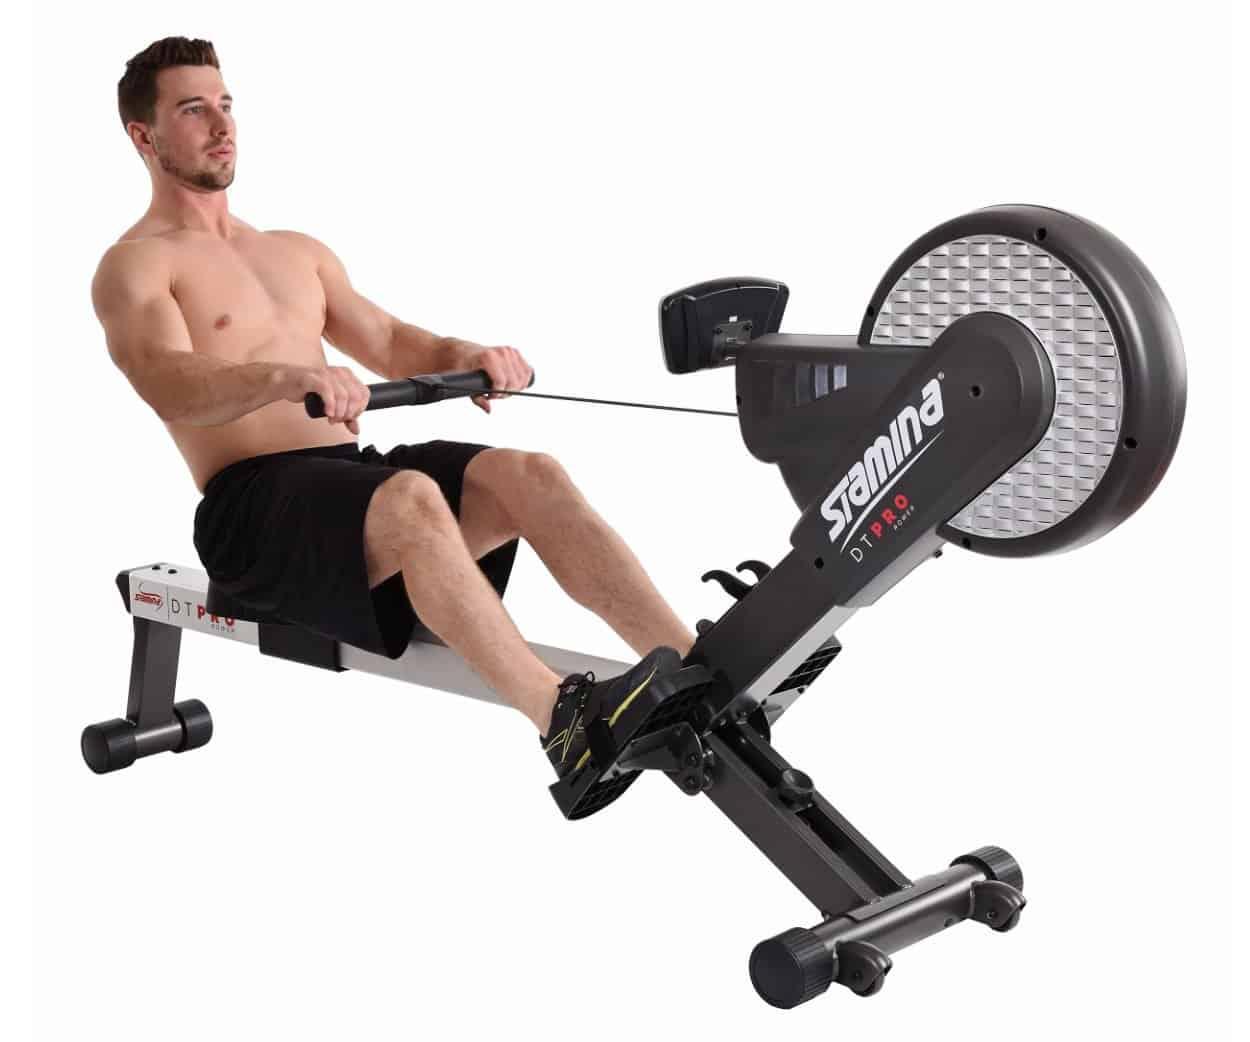 Stamina DT Pro Rower 35-1485